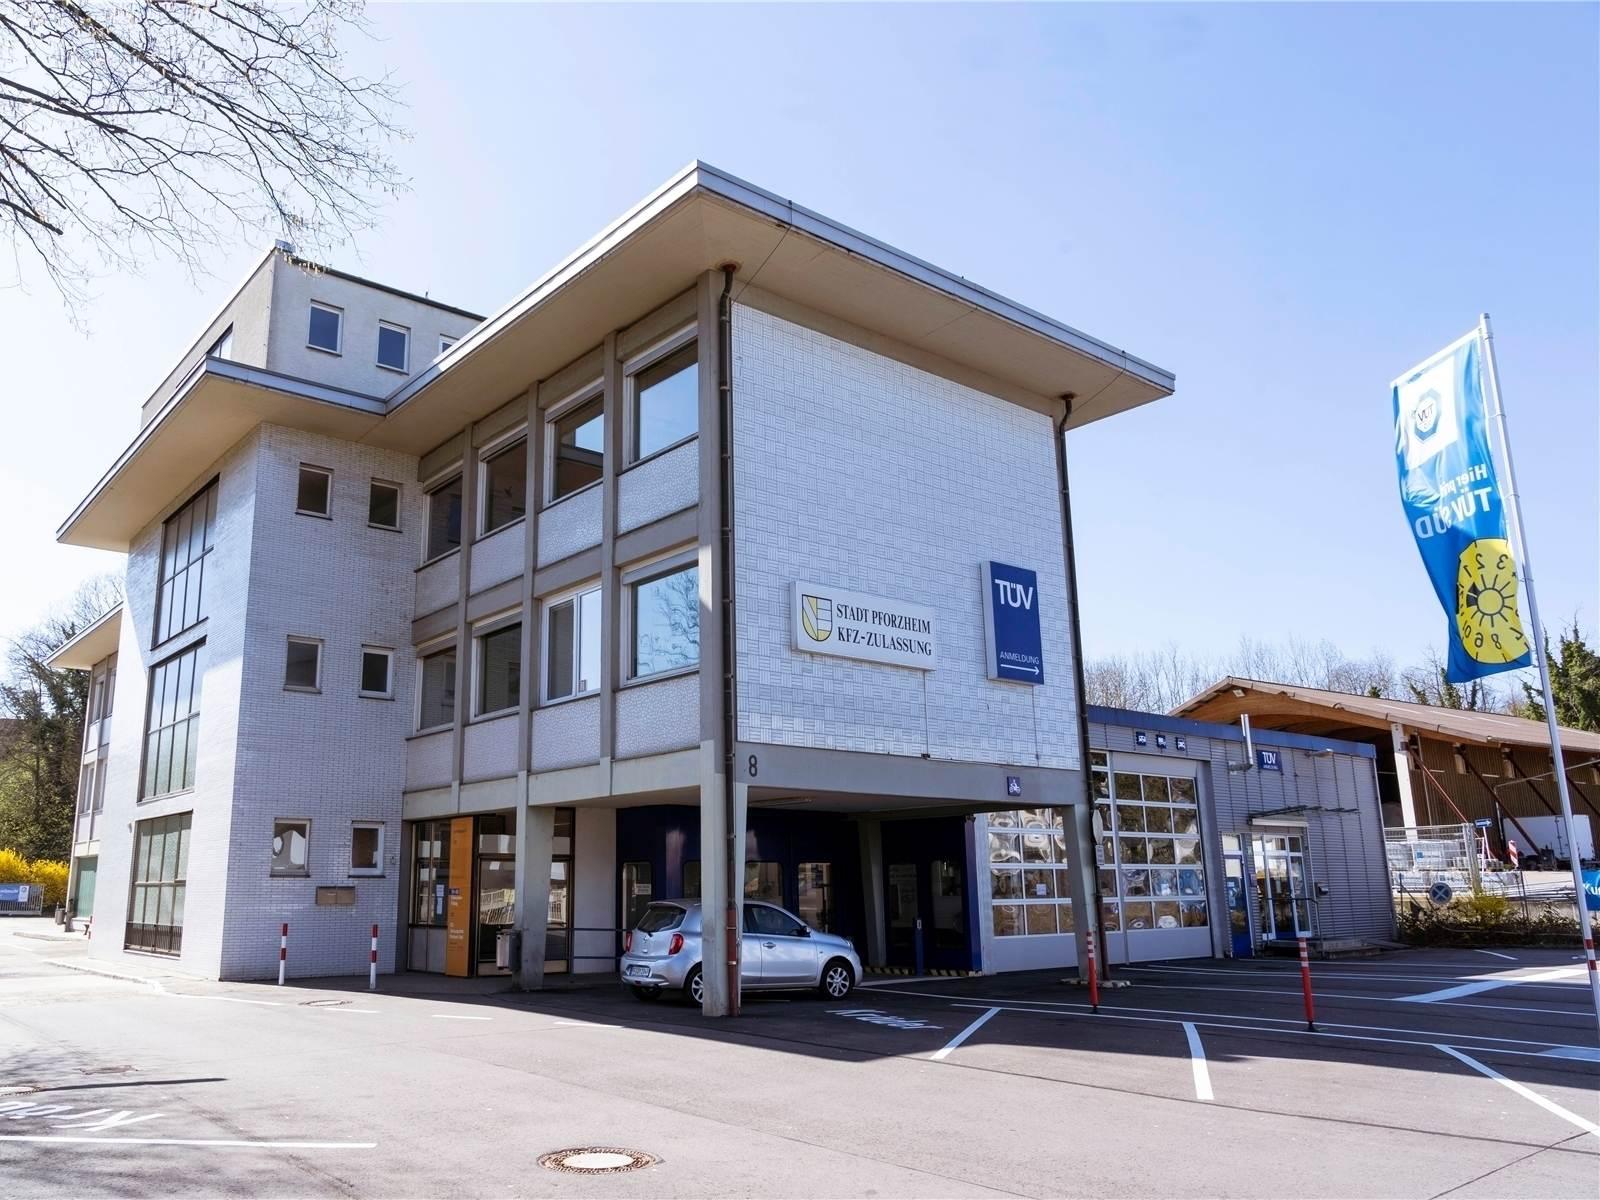 Zulassungsstelle Köln Termin